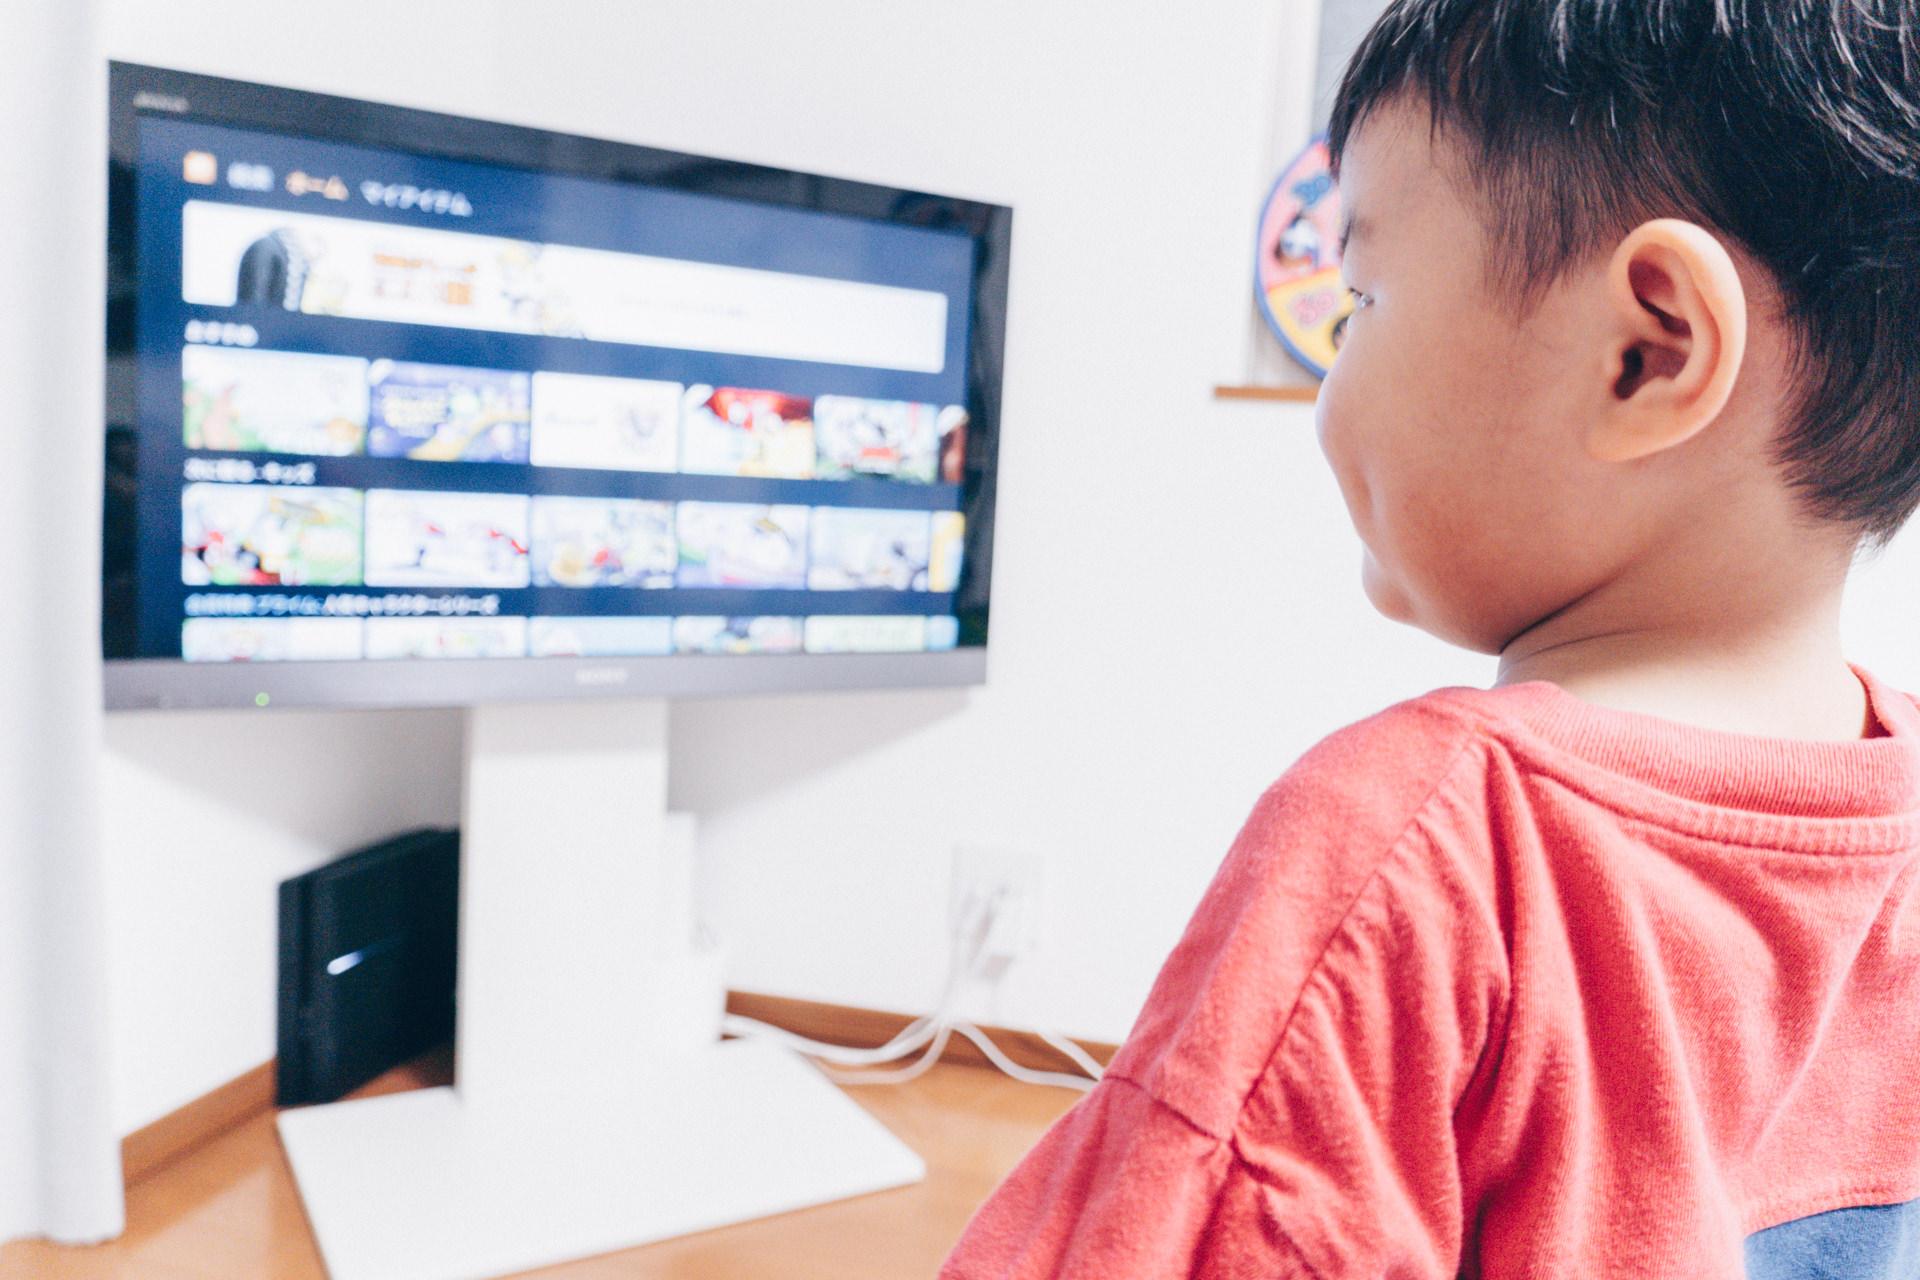 Amazonプライムビデオで見られるおすすめ子供向けアニメ